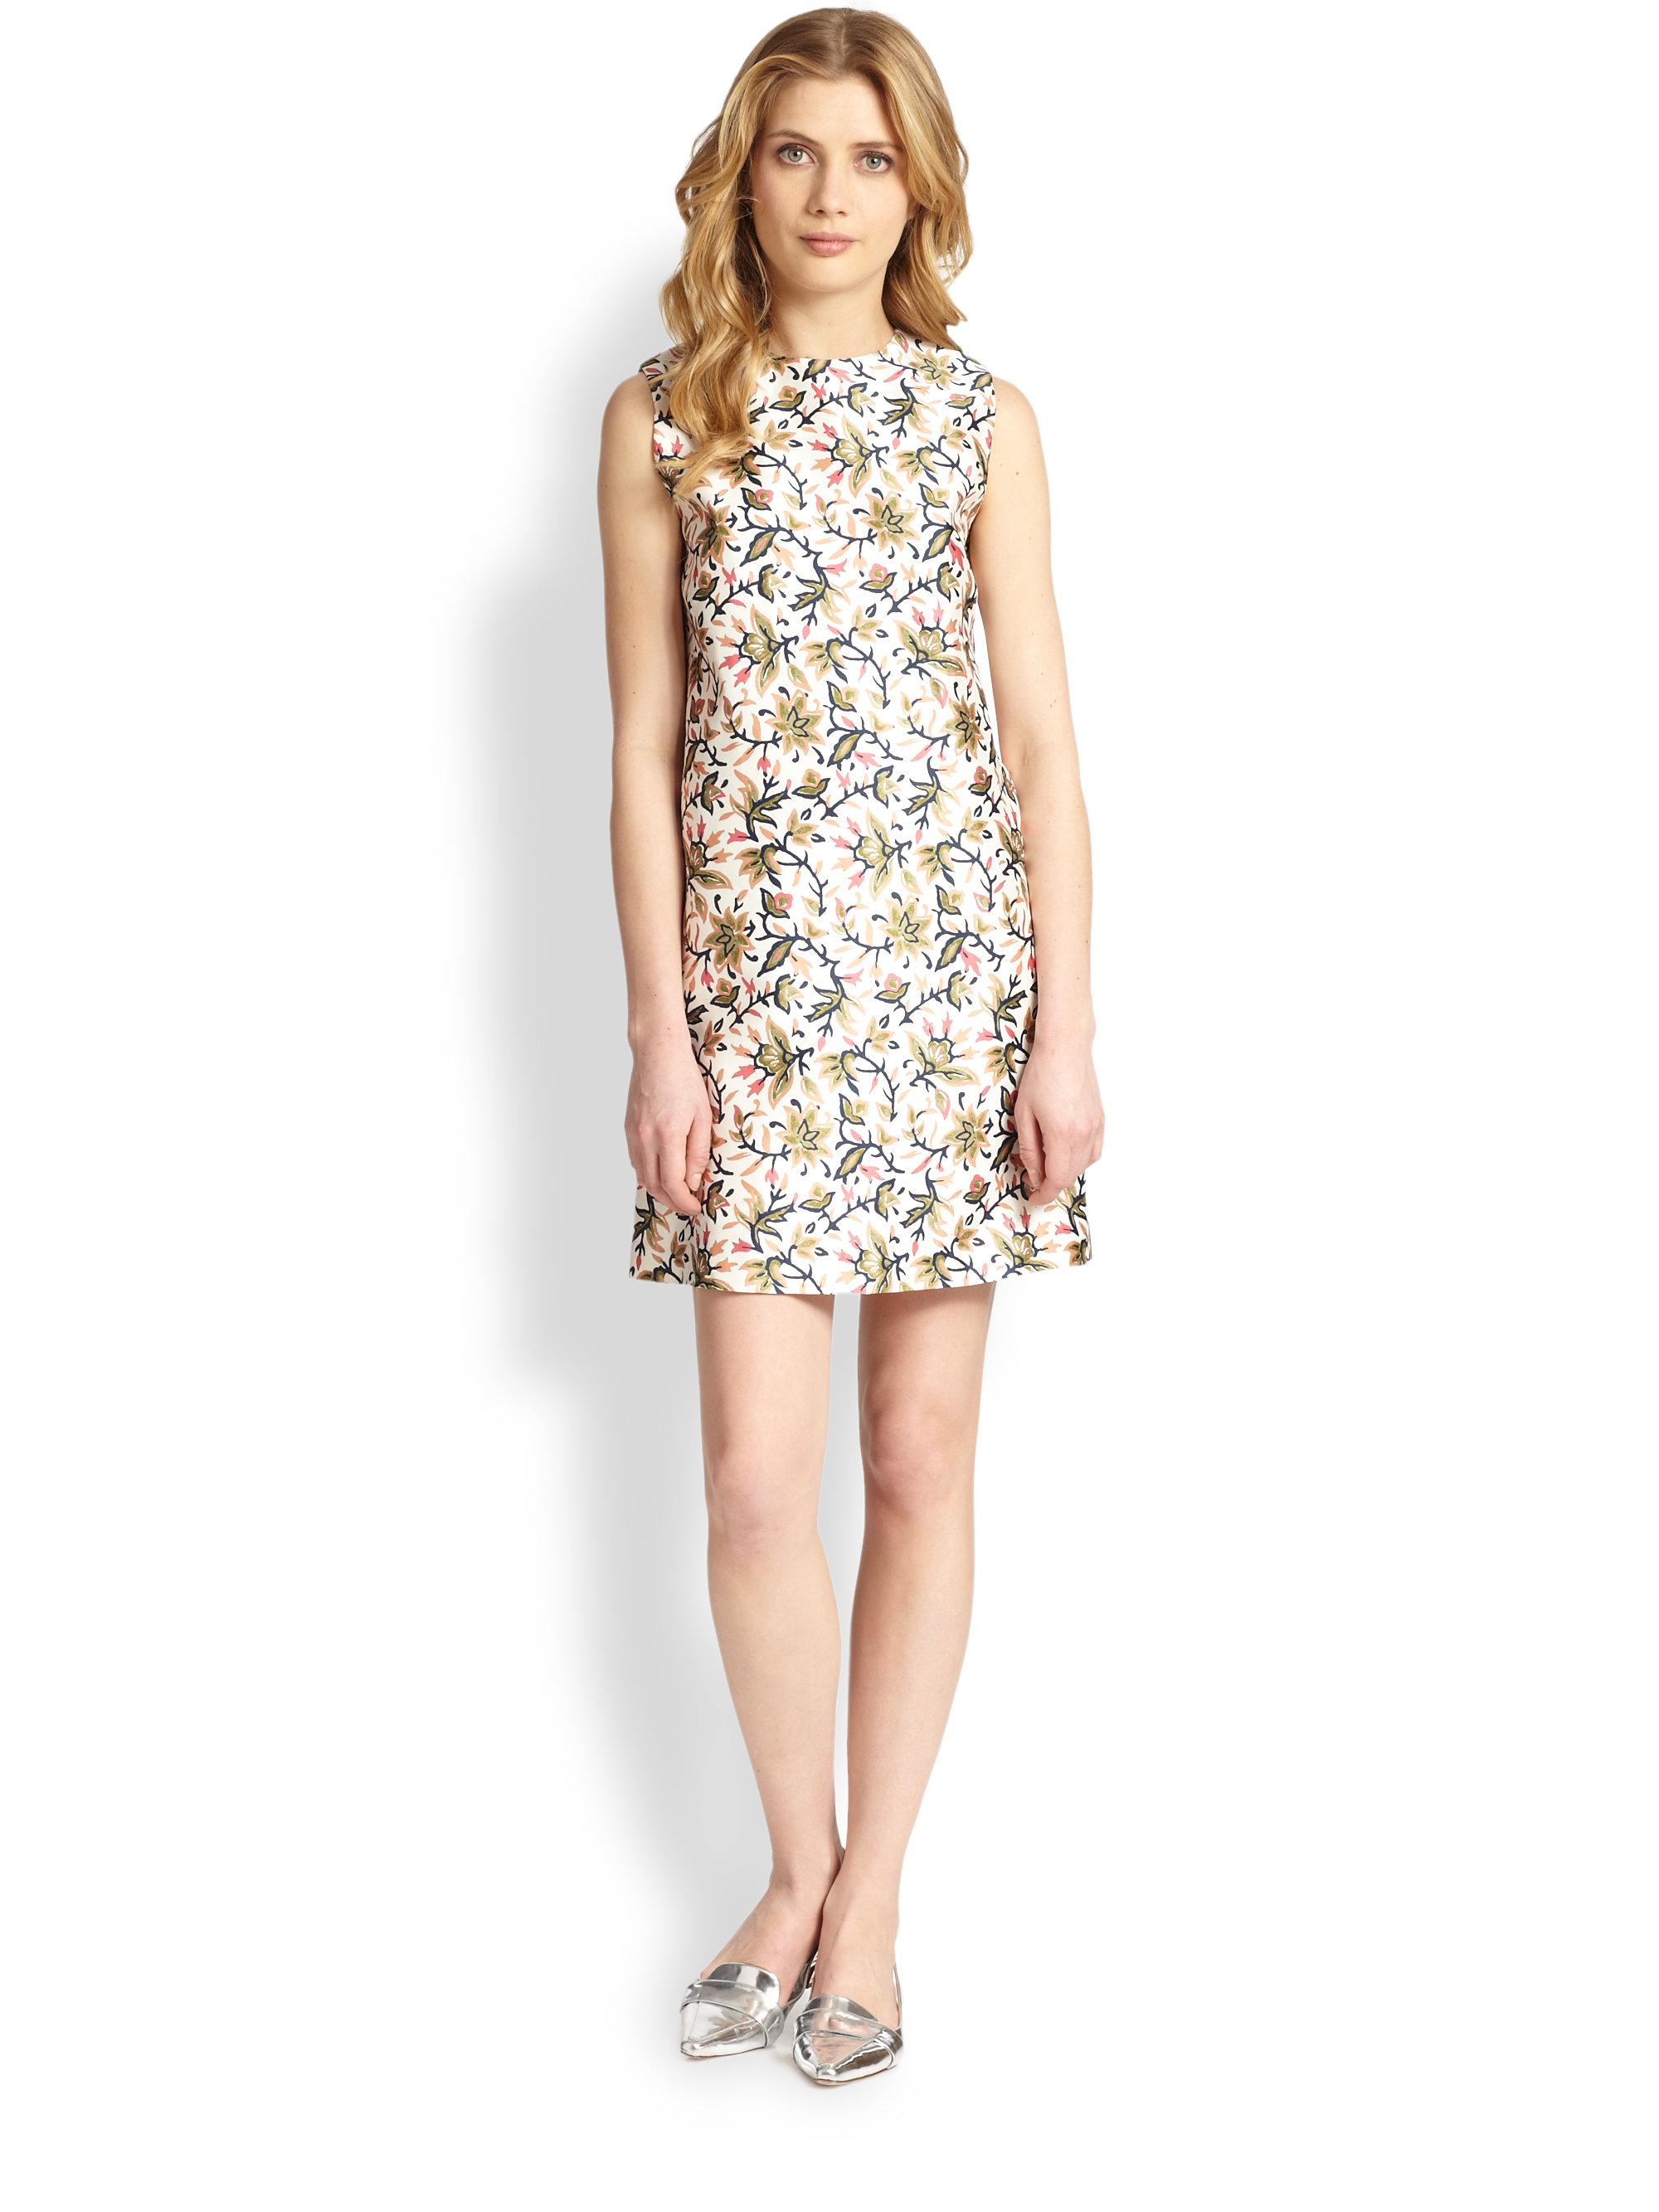 fb683f47da7c Lyst - Tory Burch Esmeralda Dress